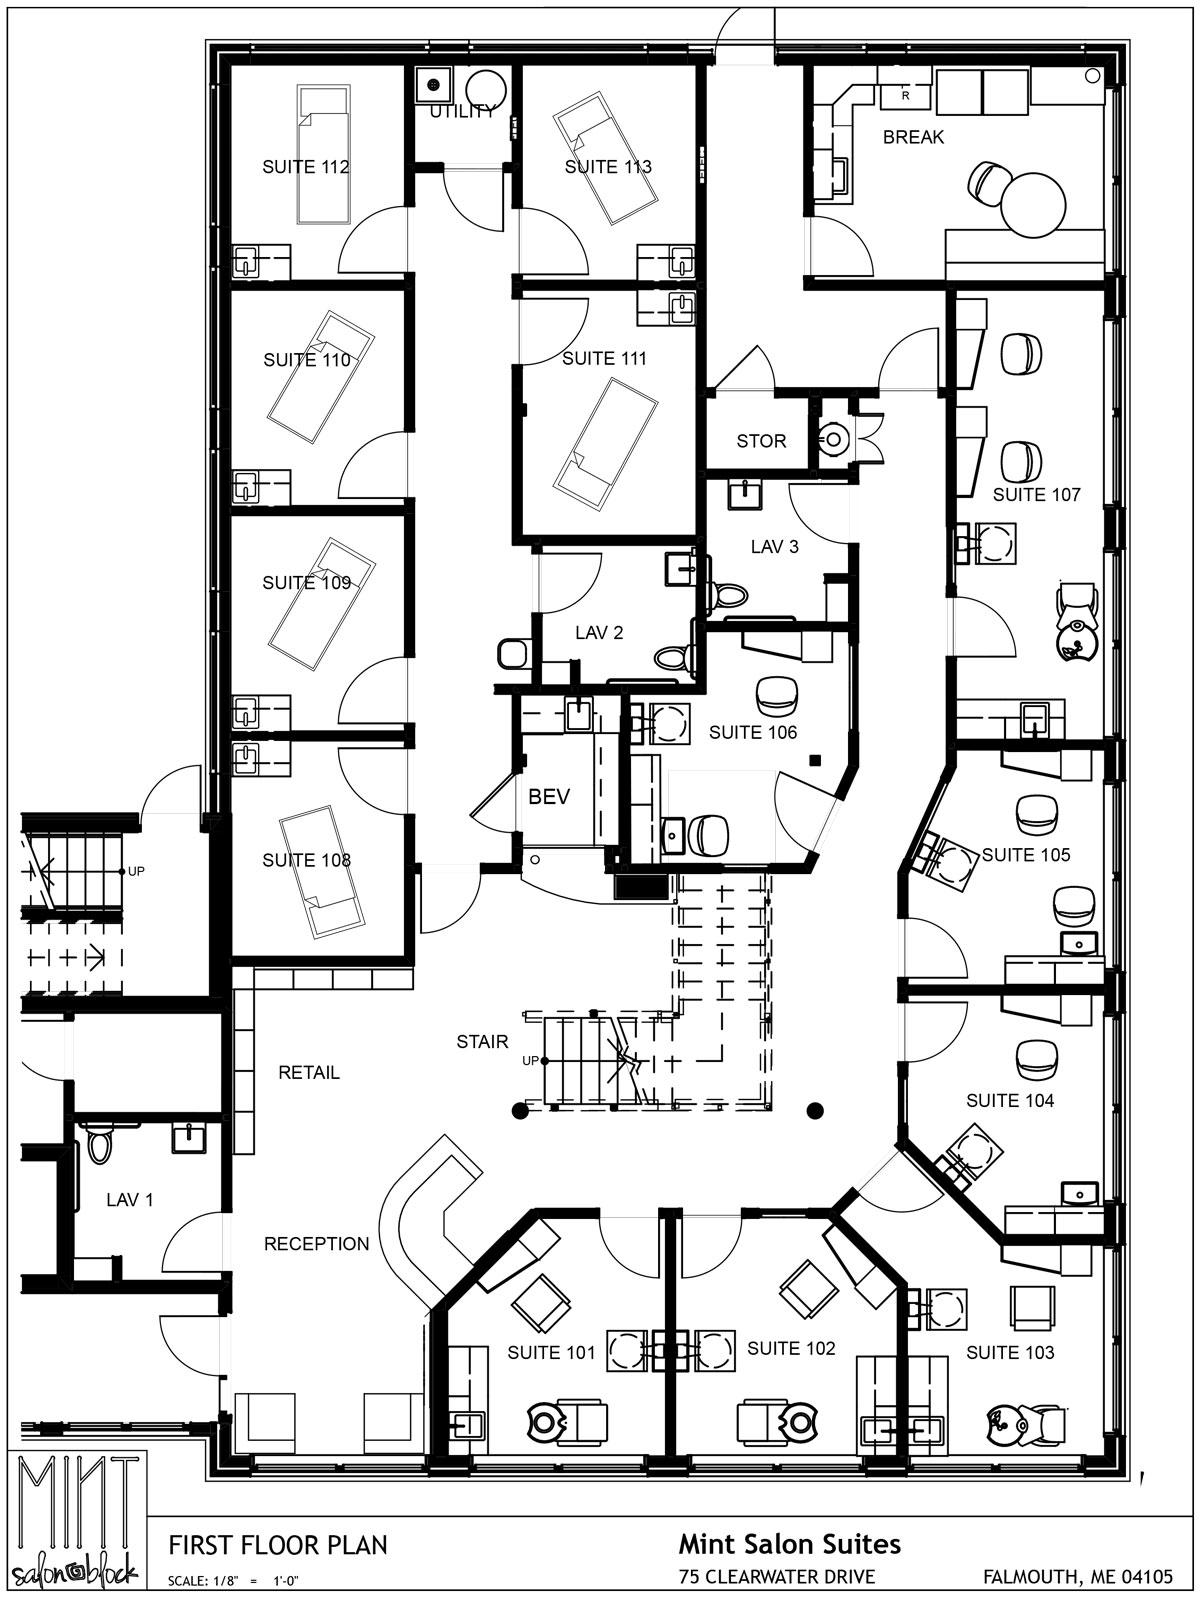 Mint-First-Floor